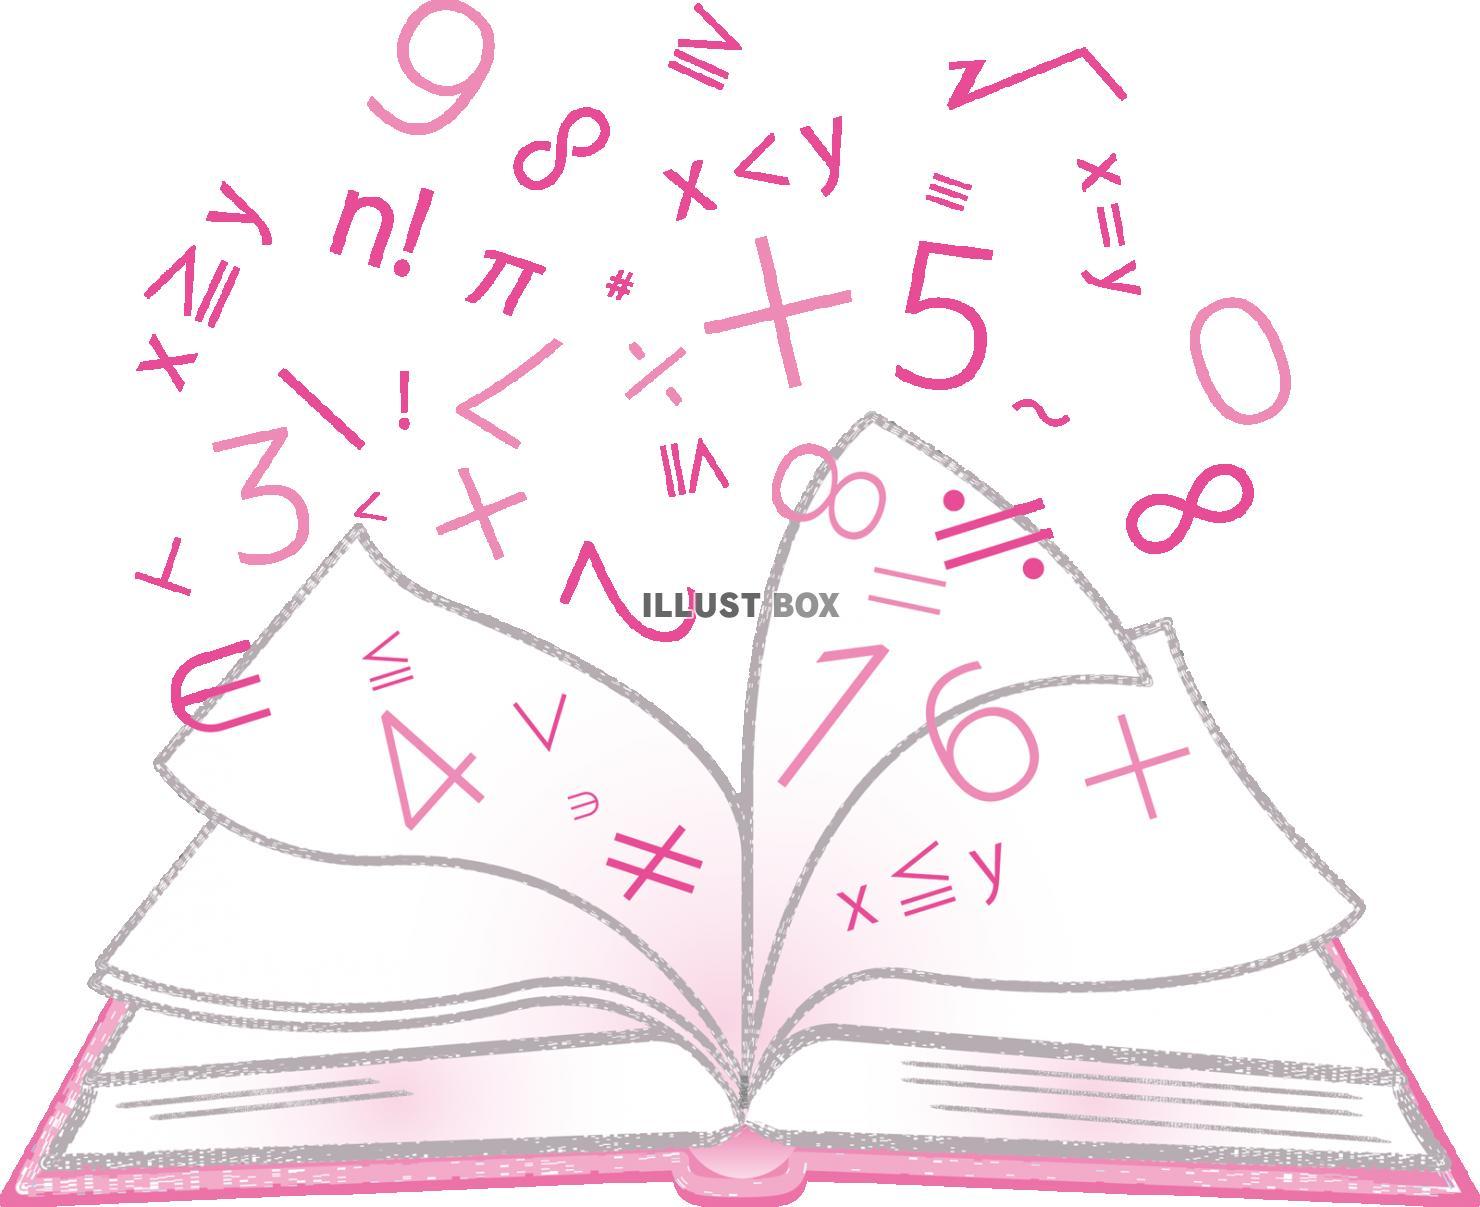 無料イラスト 数学算数数字イラスト教科書本参考書公式足し算引き算